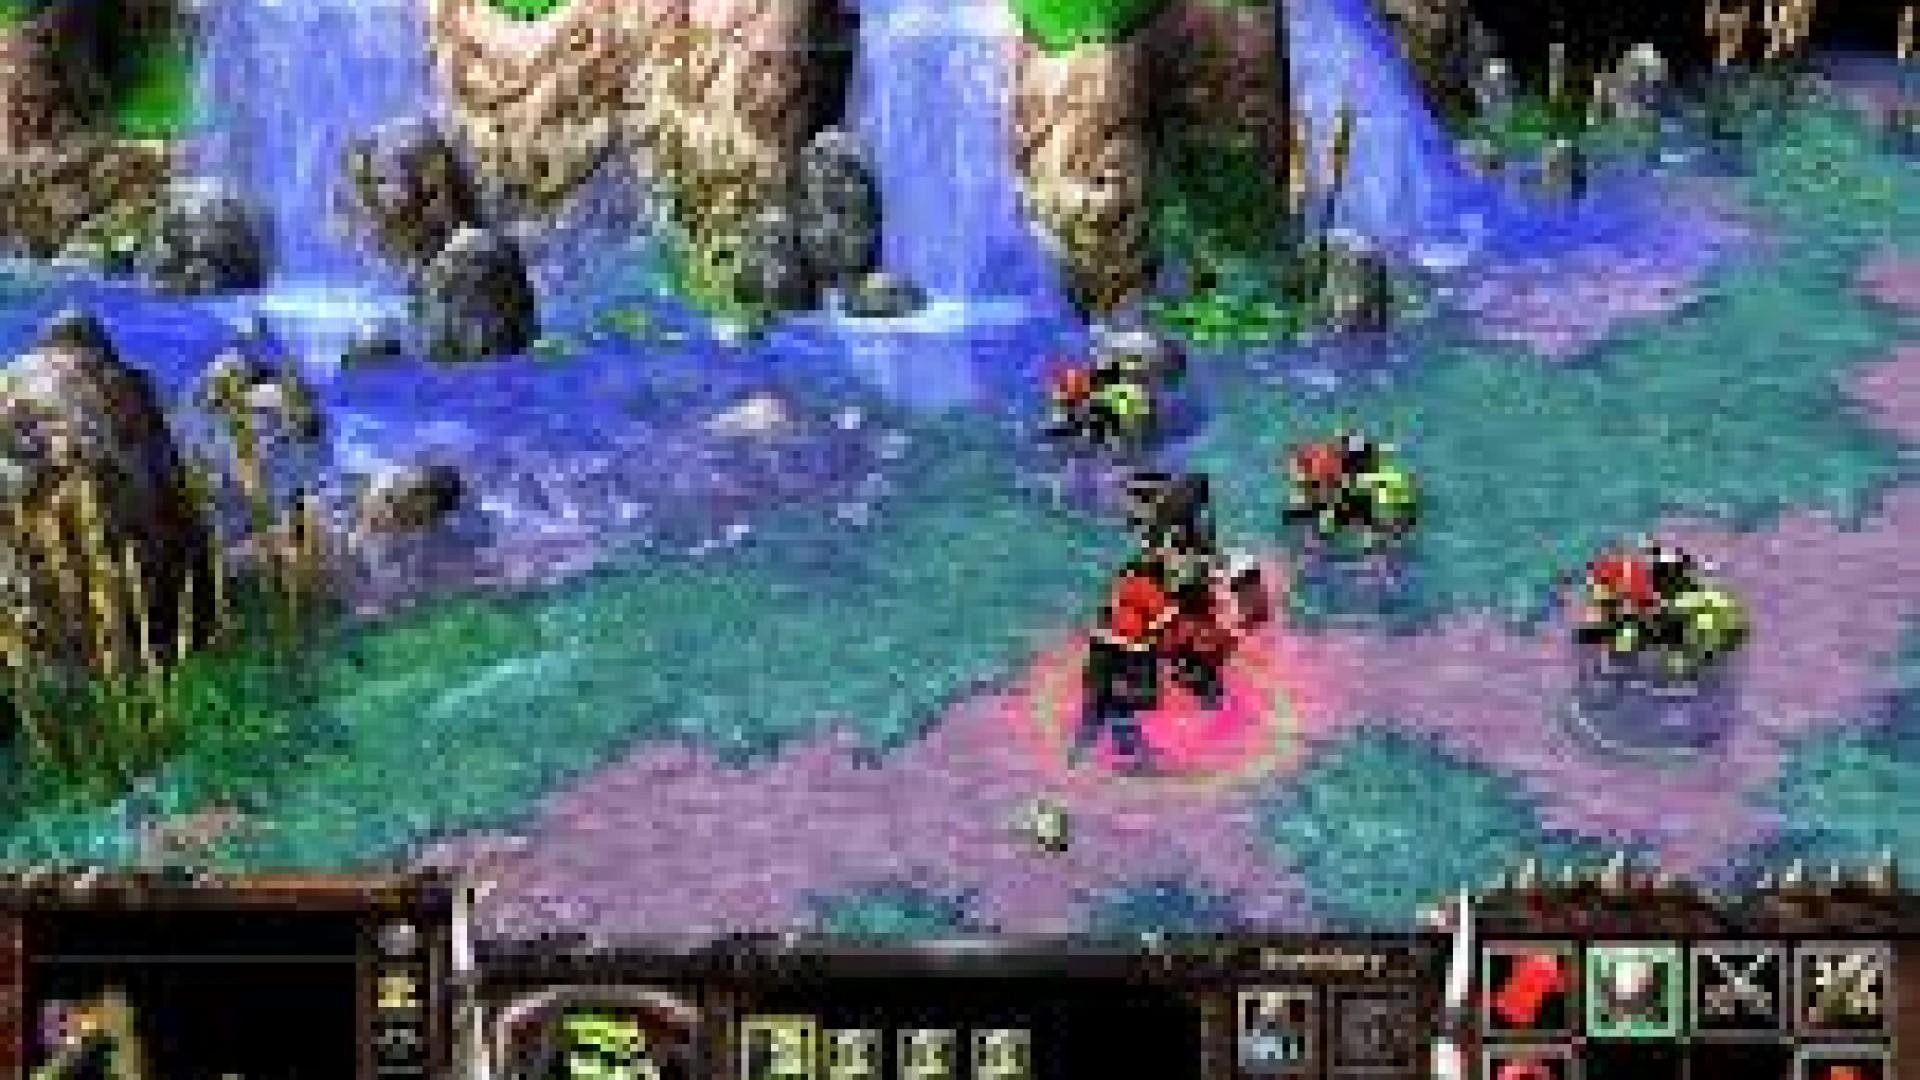 Warcraft sexmap - download porn comic